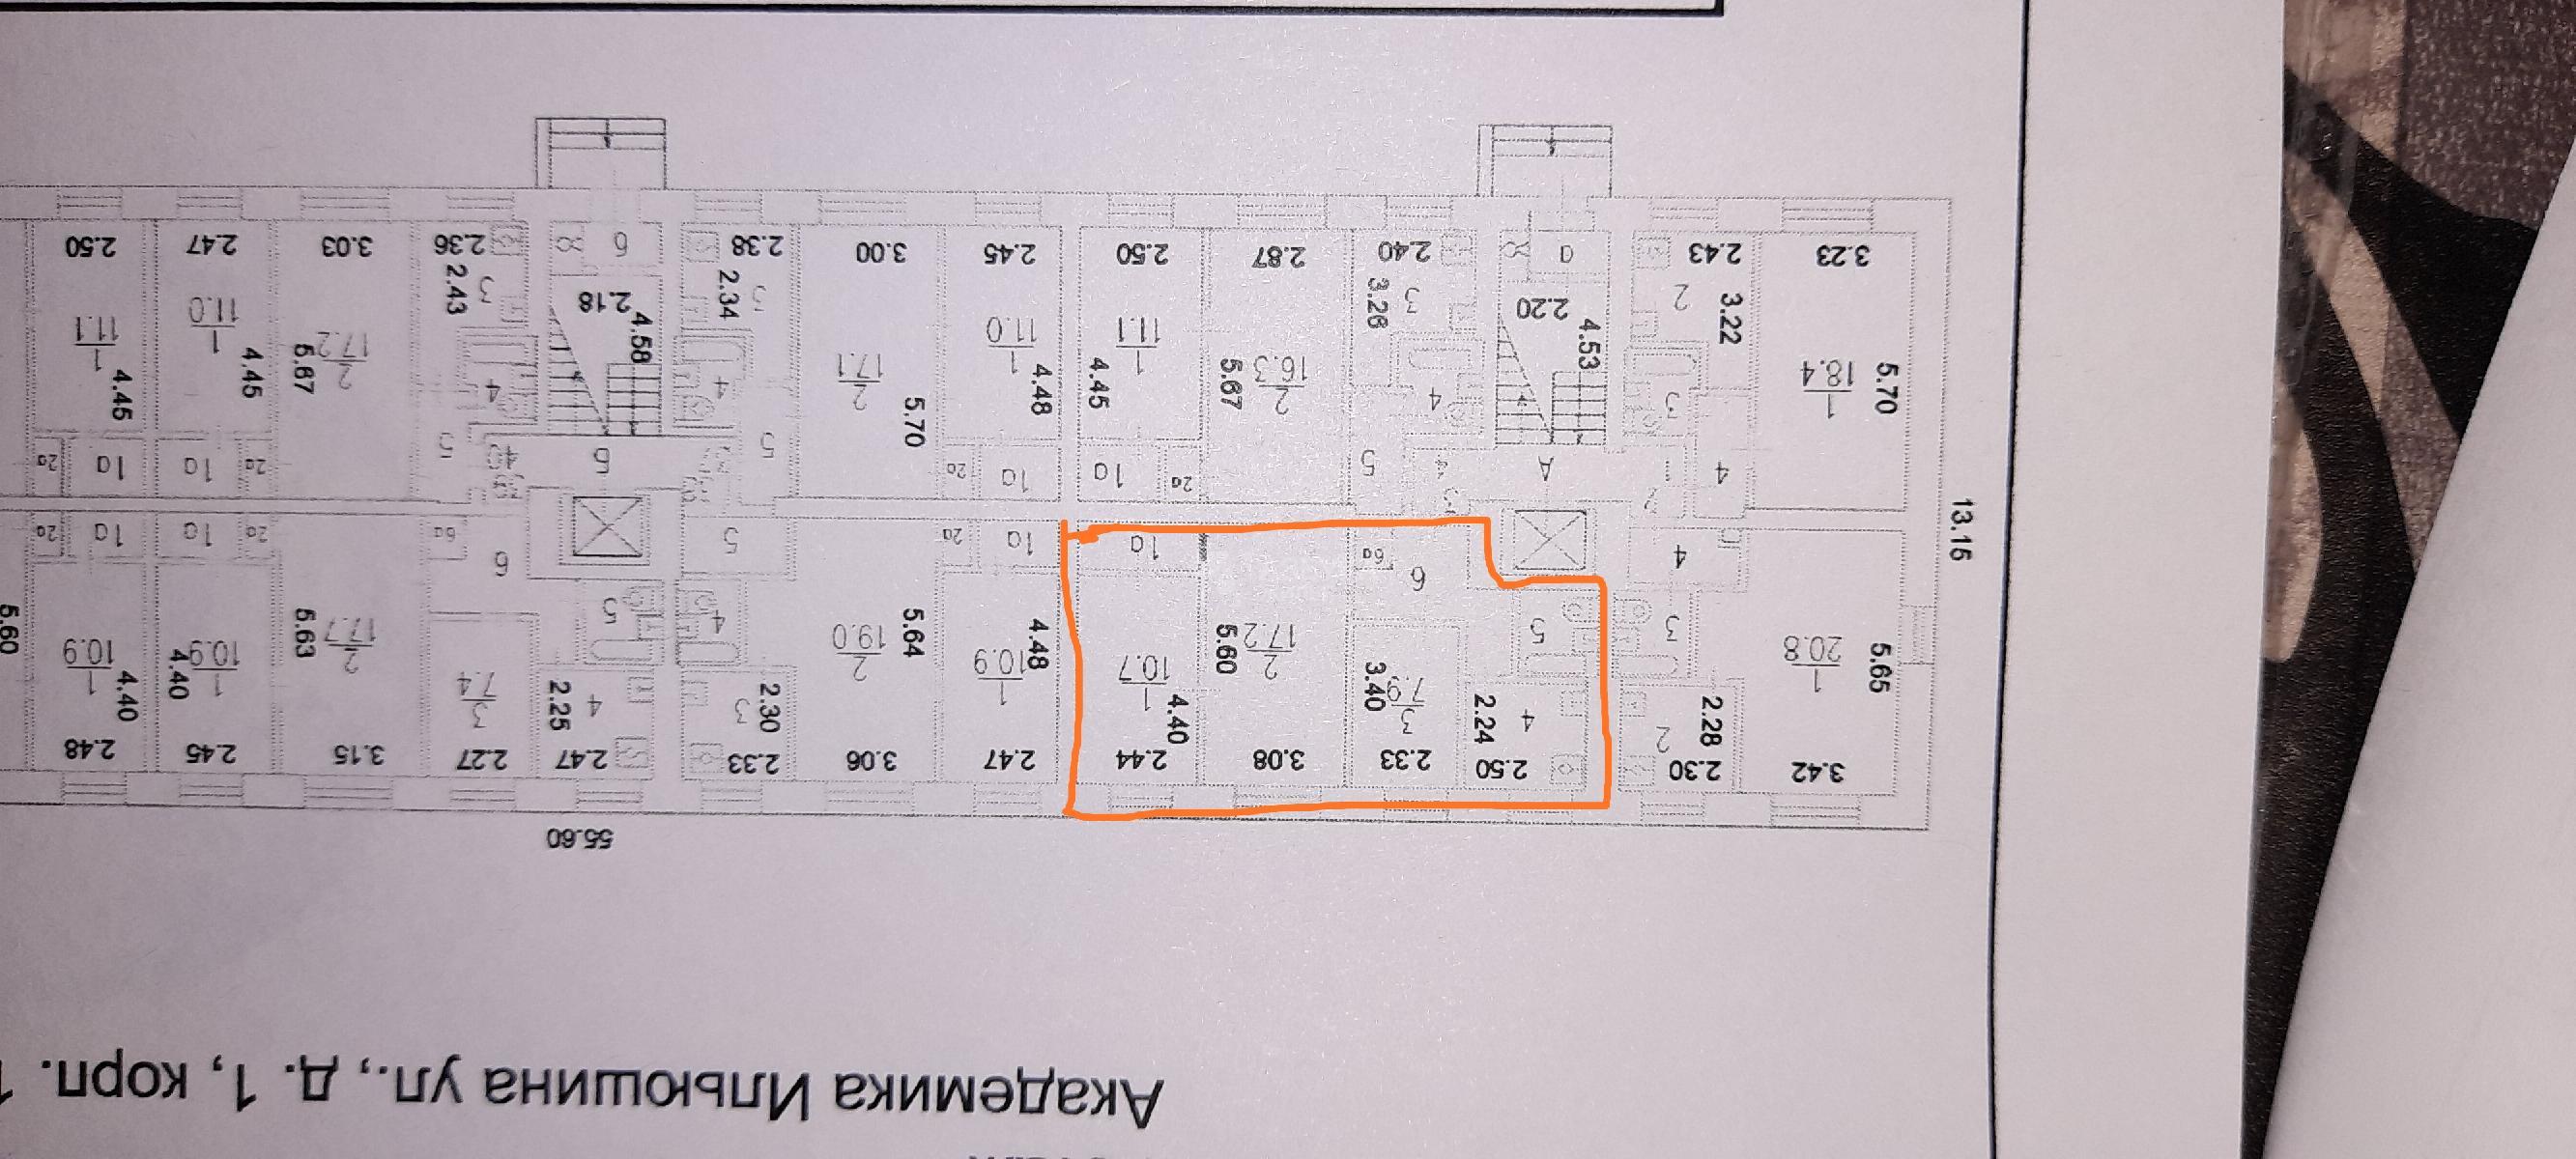 Фото №2 - 3-комнатная квартира, Москва, Академика Ильюшина улица 1 корпус 1, метро Аэропорт